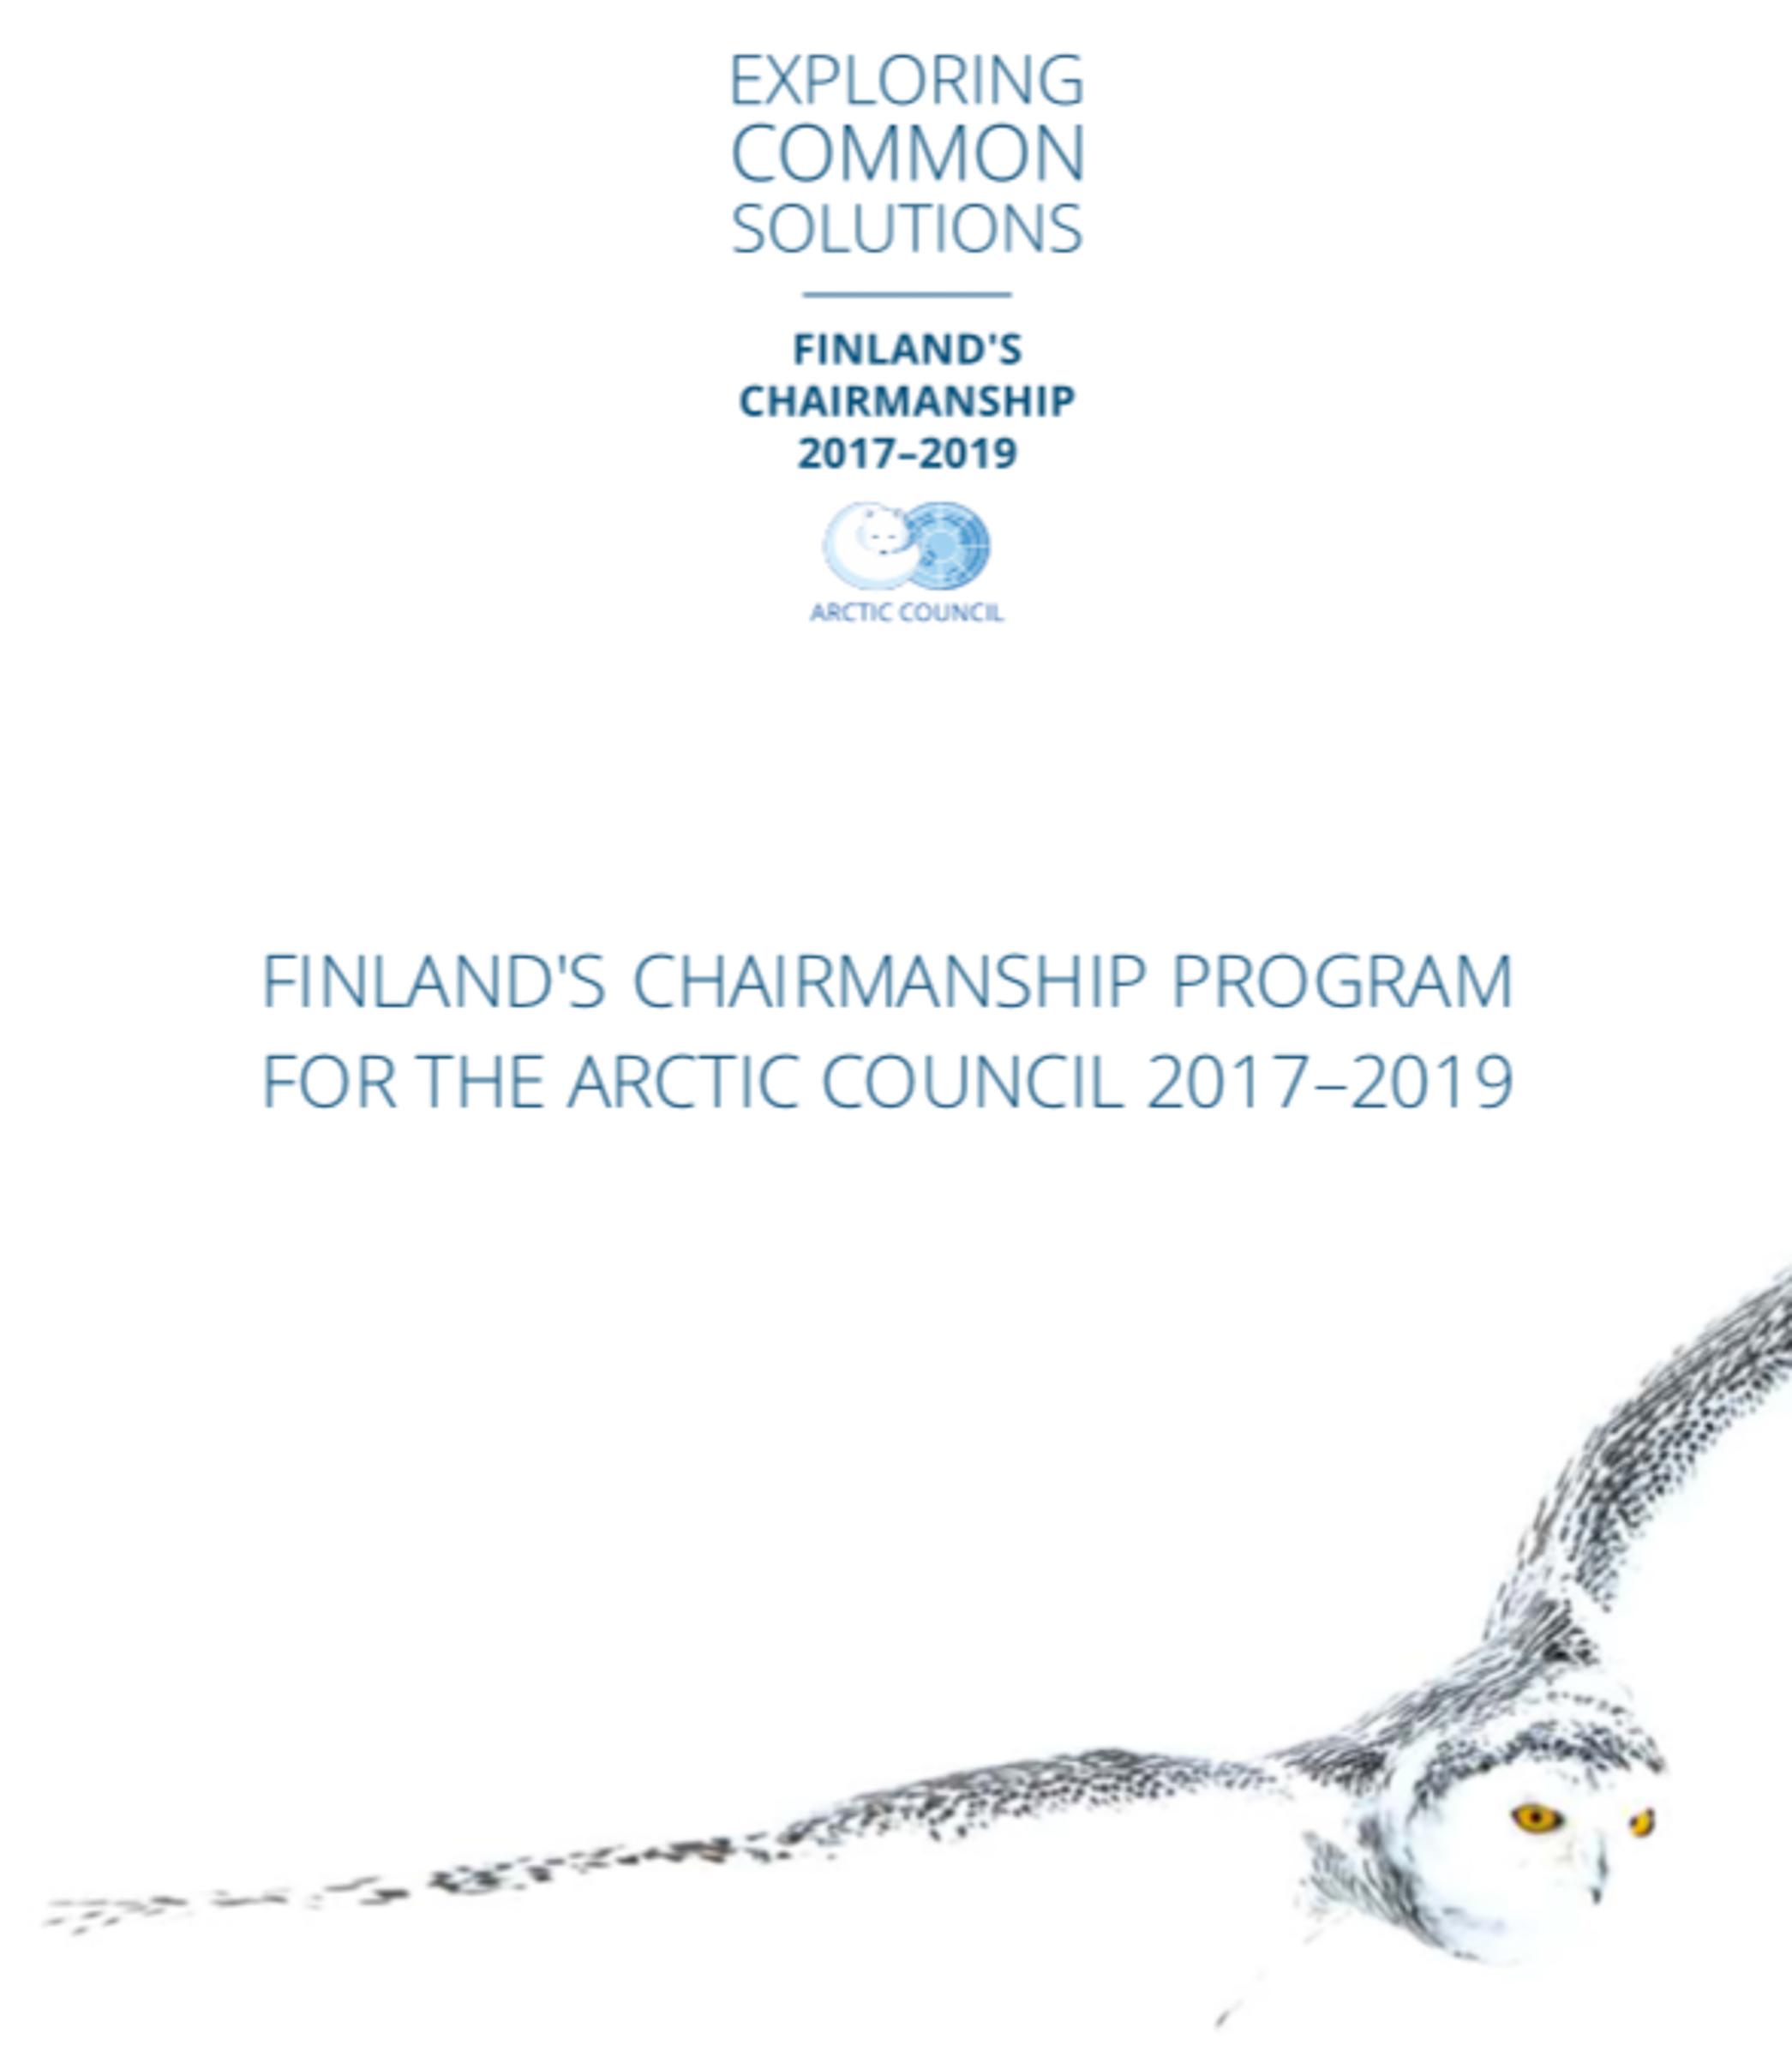 Arctic Council Finland JONAA ©Linnea Nordström-57.jpg